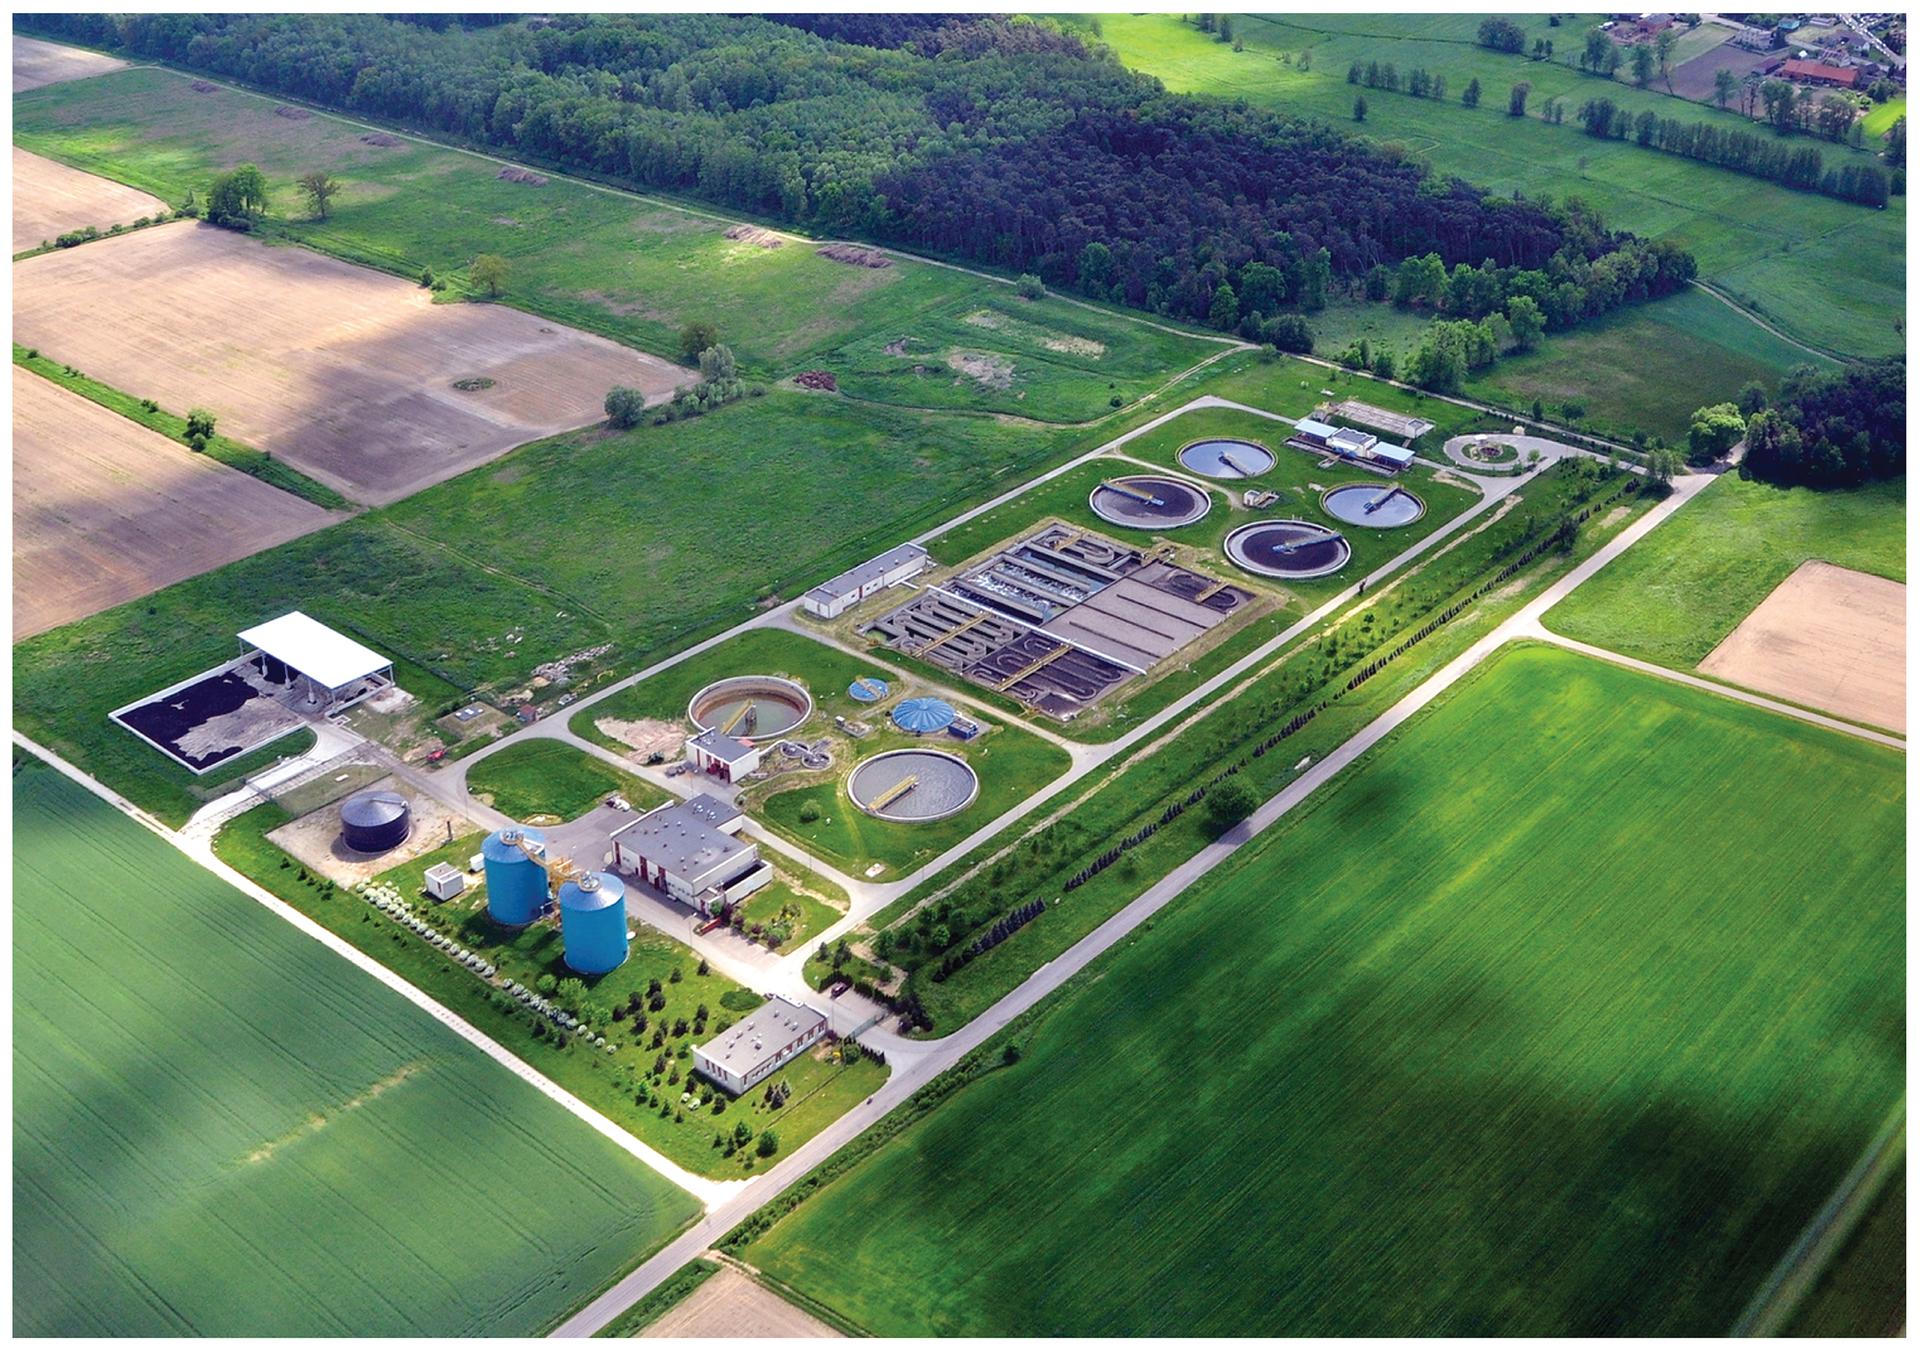 Fotografia przedstawia budowlę techniczną, widzianą zgóry. Znajdują się tam cztery okrągłe zbiorniki, dwa silosy iwiele budynków. Jest to biologiczna oczyszczalnia ścieków. Tu bakterie rozkładają organiczne składniki ścieków